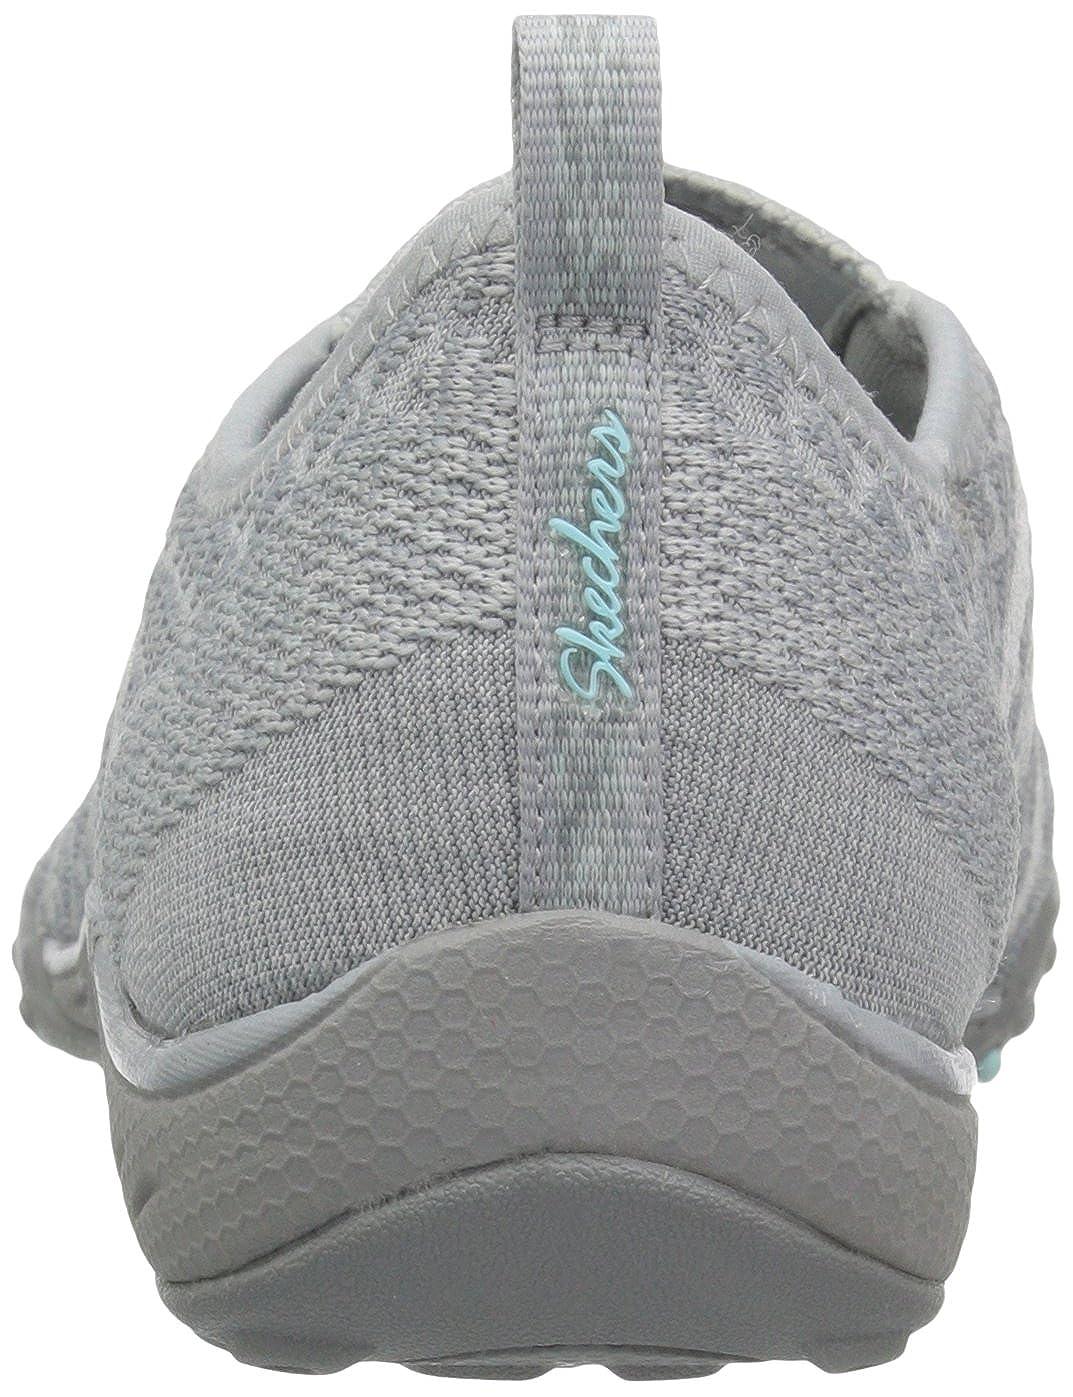 Skechers Breathe-Easy Fortune Fortune Fortune Damen Sneakers Grau Knit 4e9045